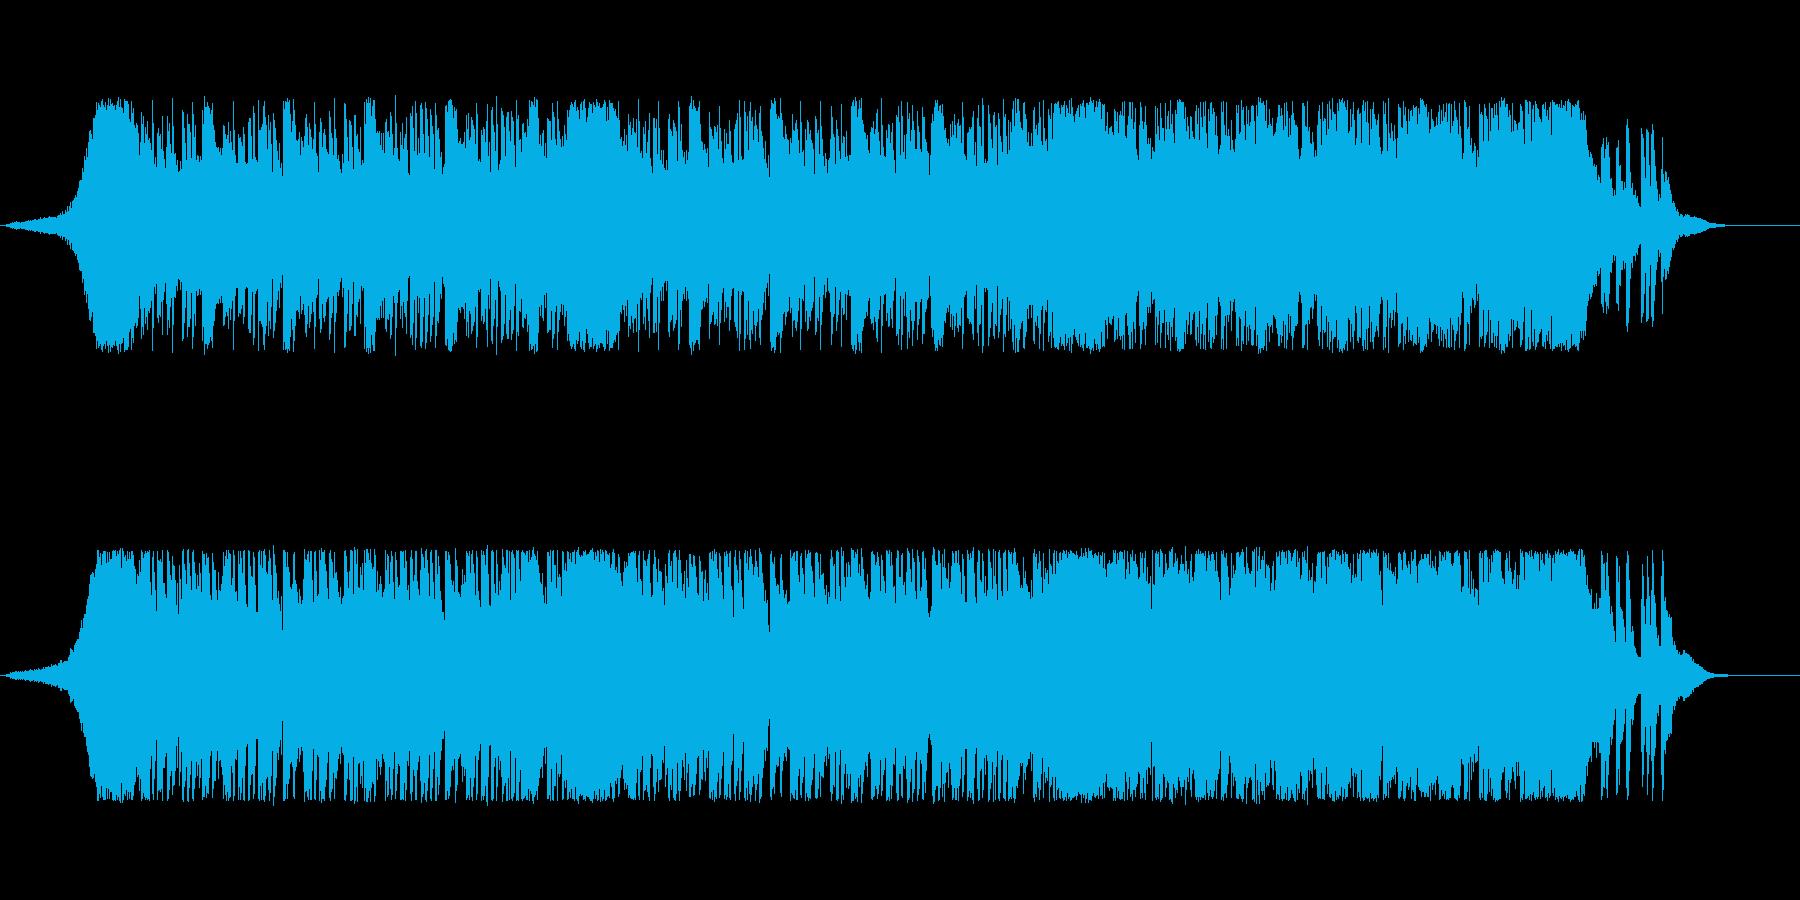 【爽やか】新しい挑戦をする雰囲気のBGMの再生済みの波形